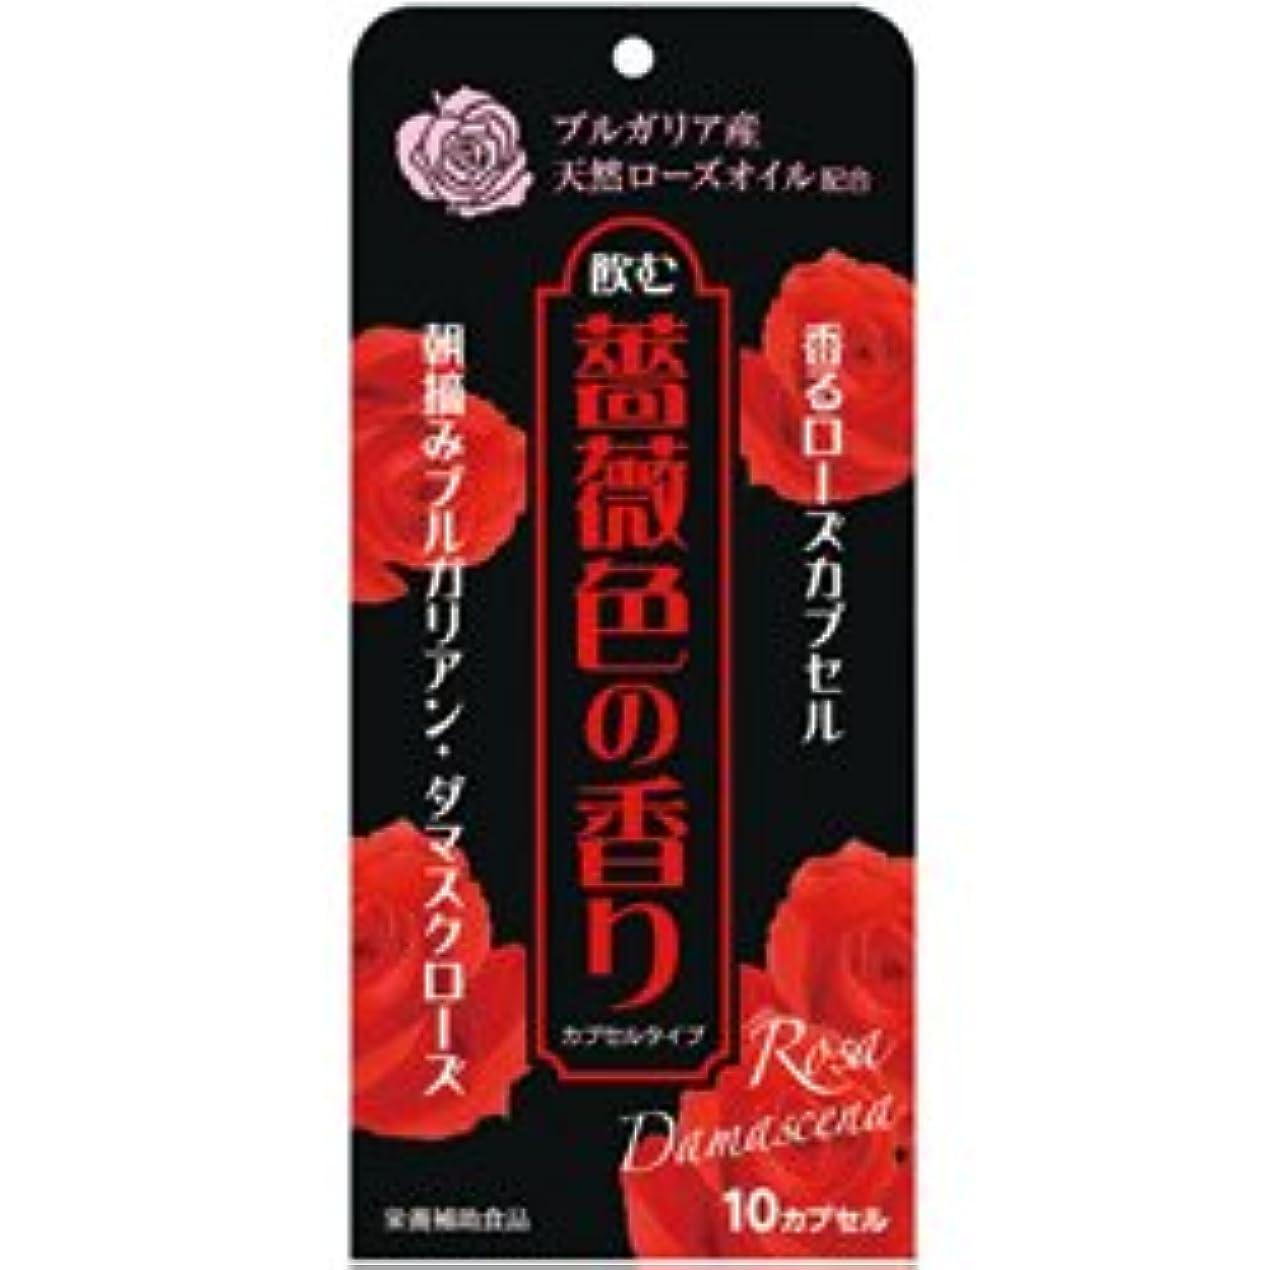 例示するいたずらきしむ【ウェルネスジャパン】飲む薔薇色の香り 10カプセル ×5個セット